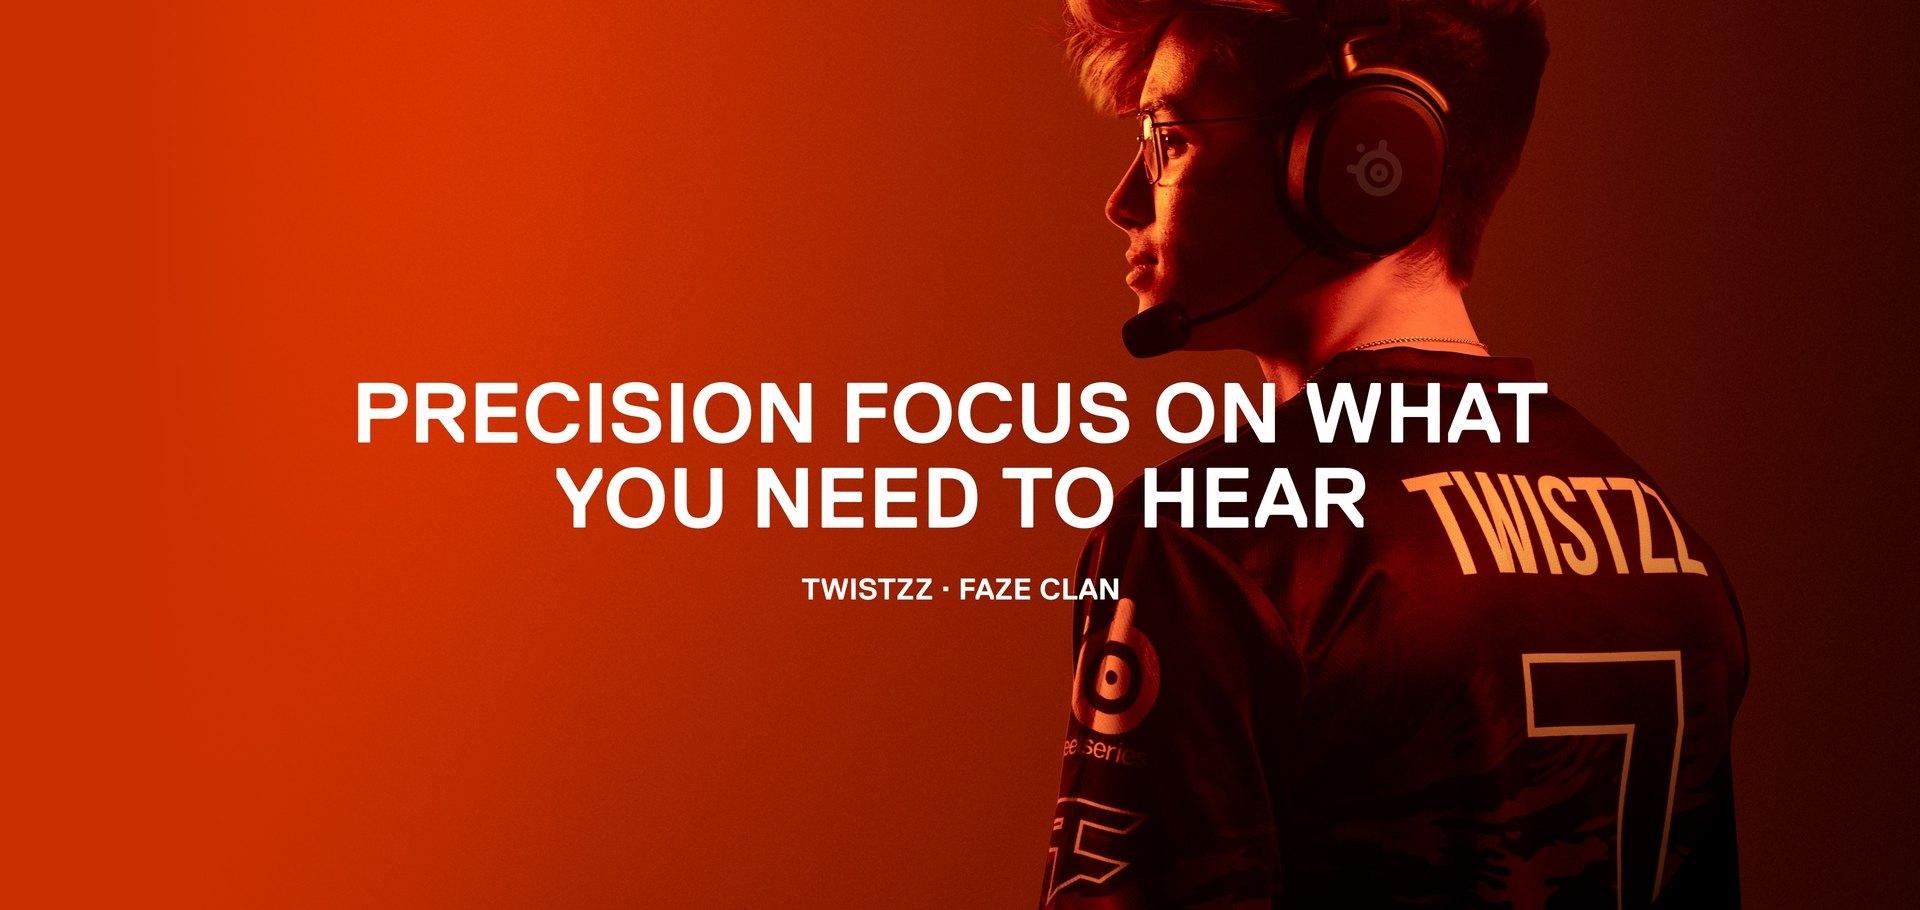 FaZe 玩家 Twistzz 站在橘色背景之前,穿戴著 Arctis Prime 耳機。圖片上的字樣為:「精確地專注於您需要聽見到。」